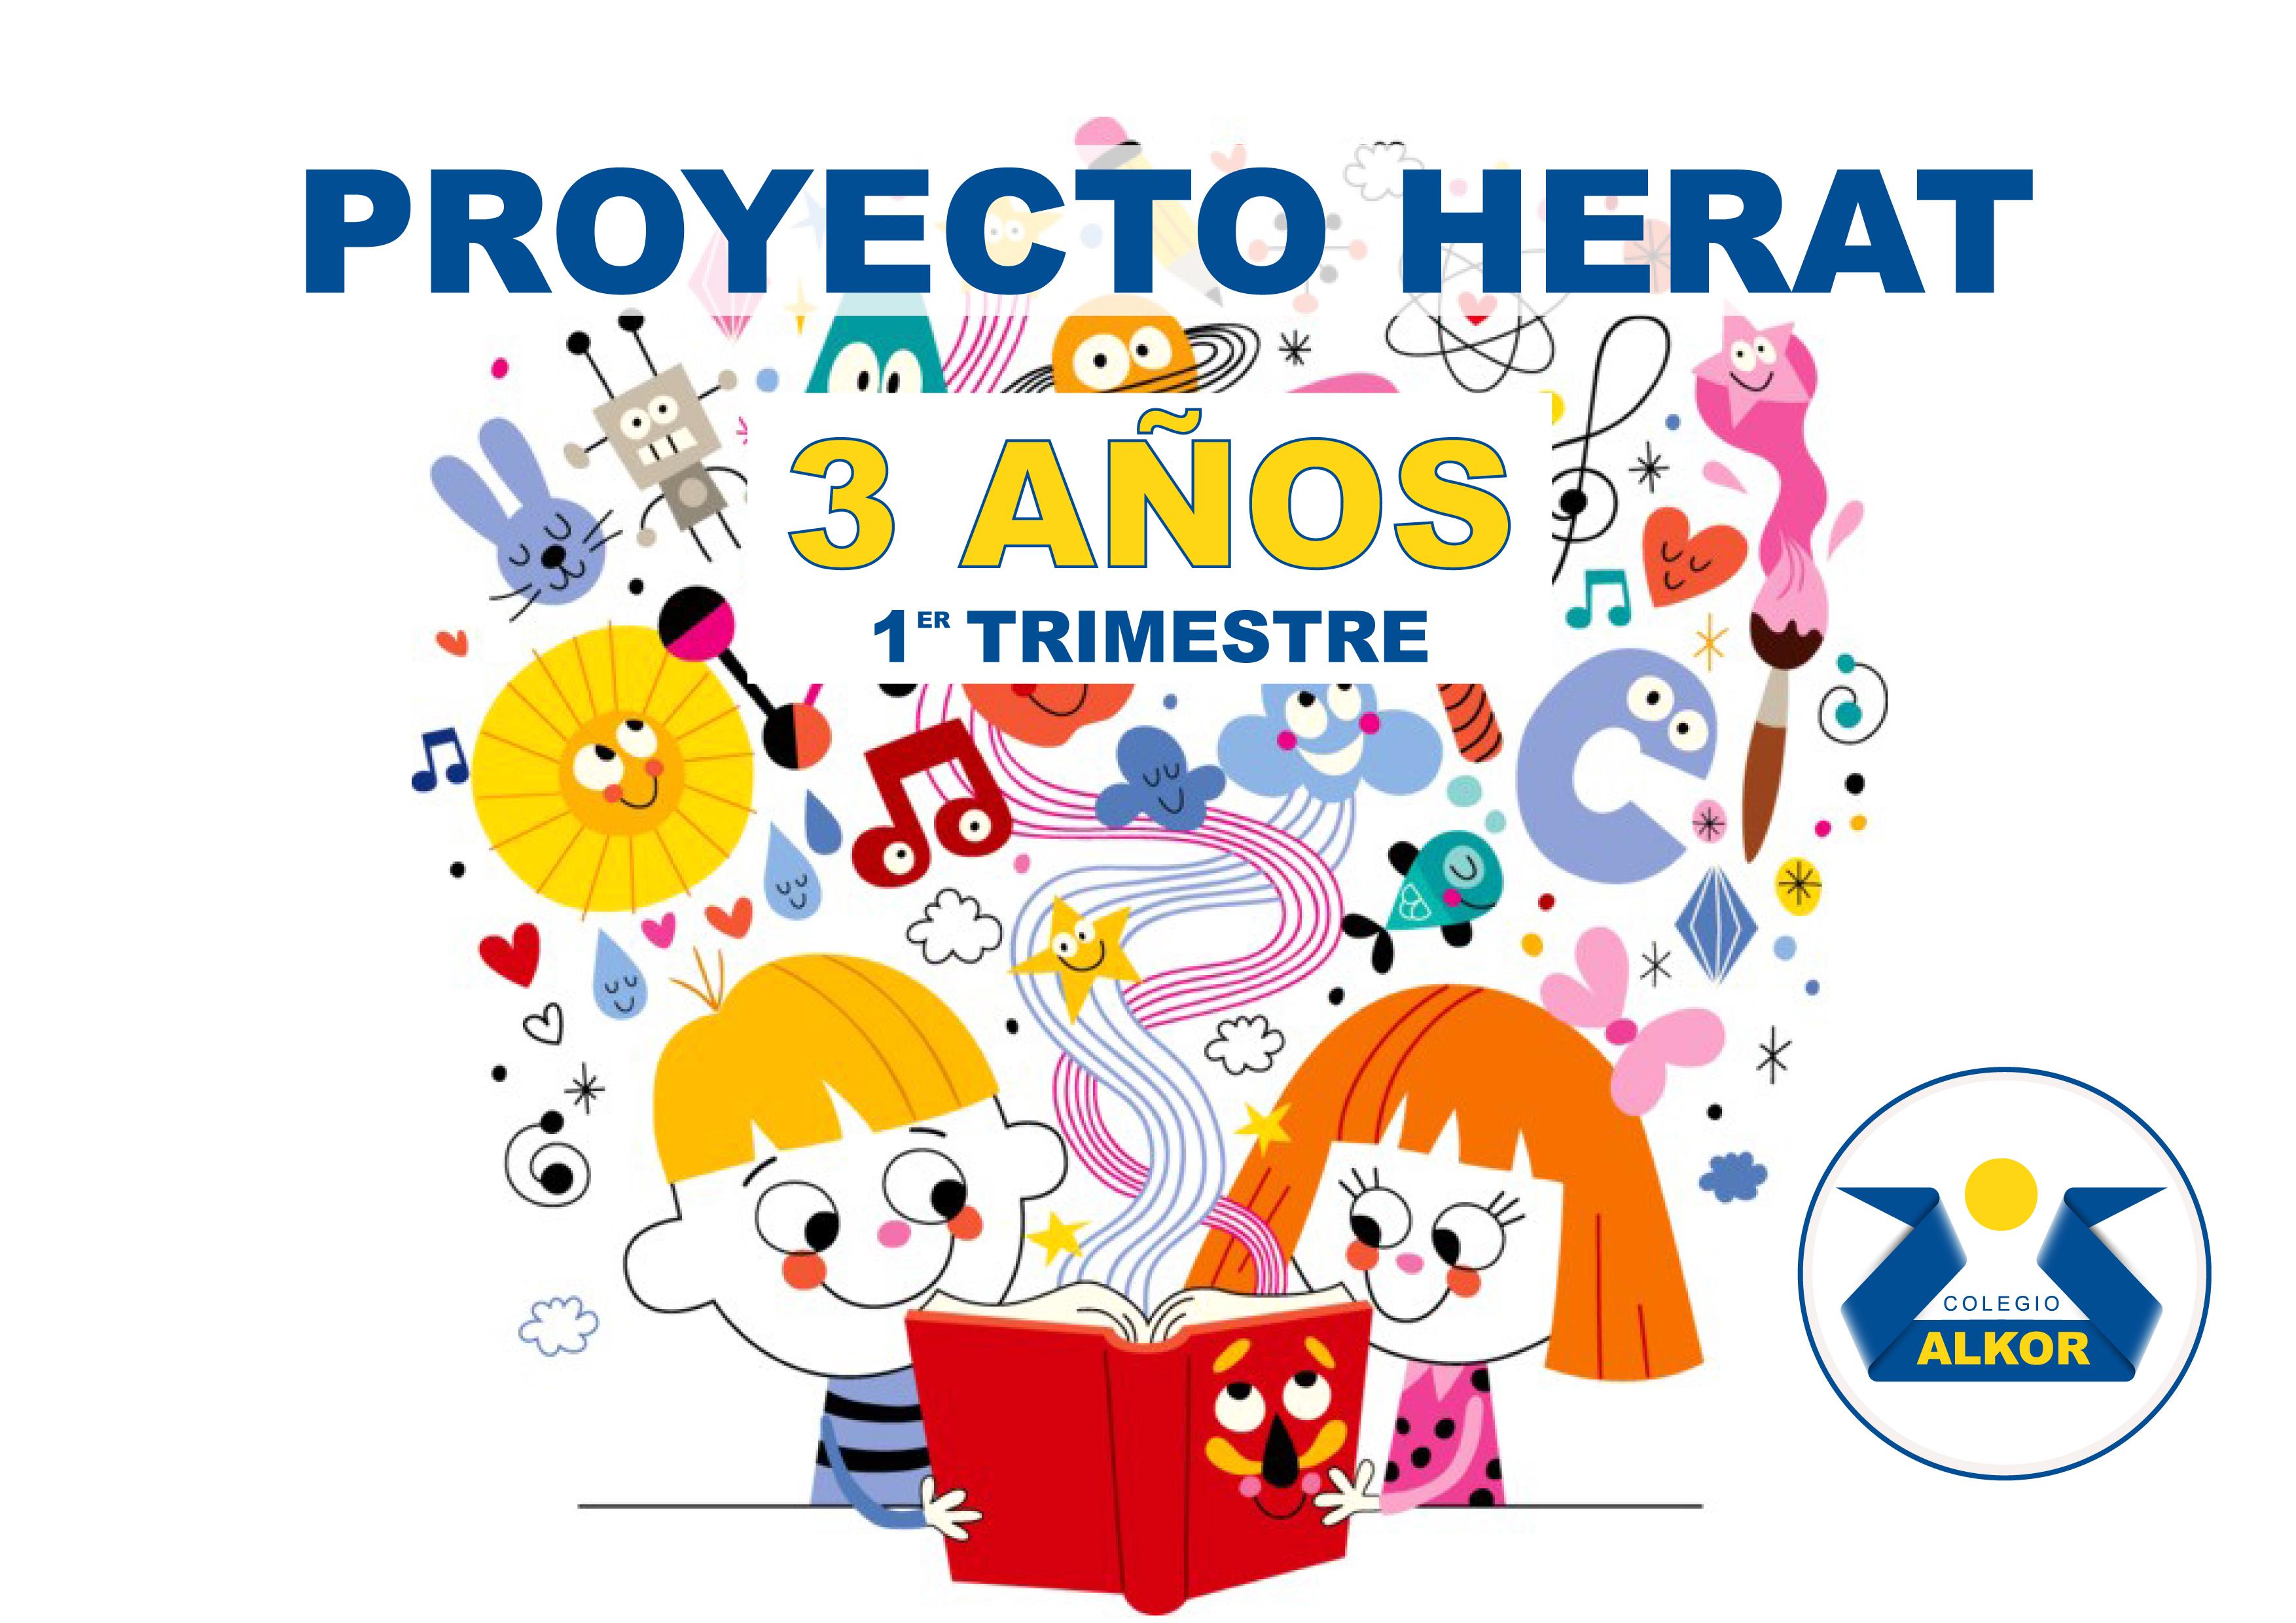 HERAT PRIMER TRIMESTRE 3 AÑOS